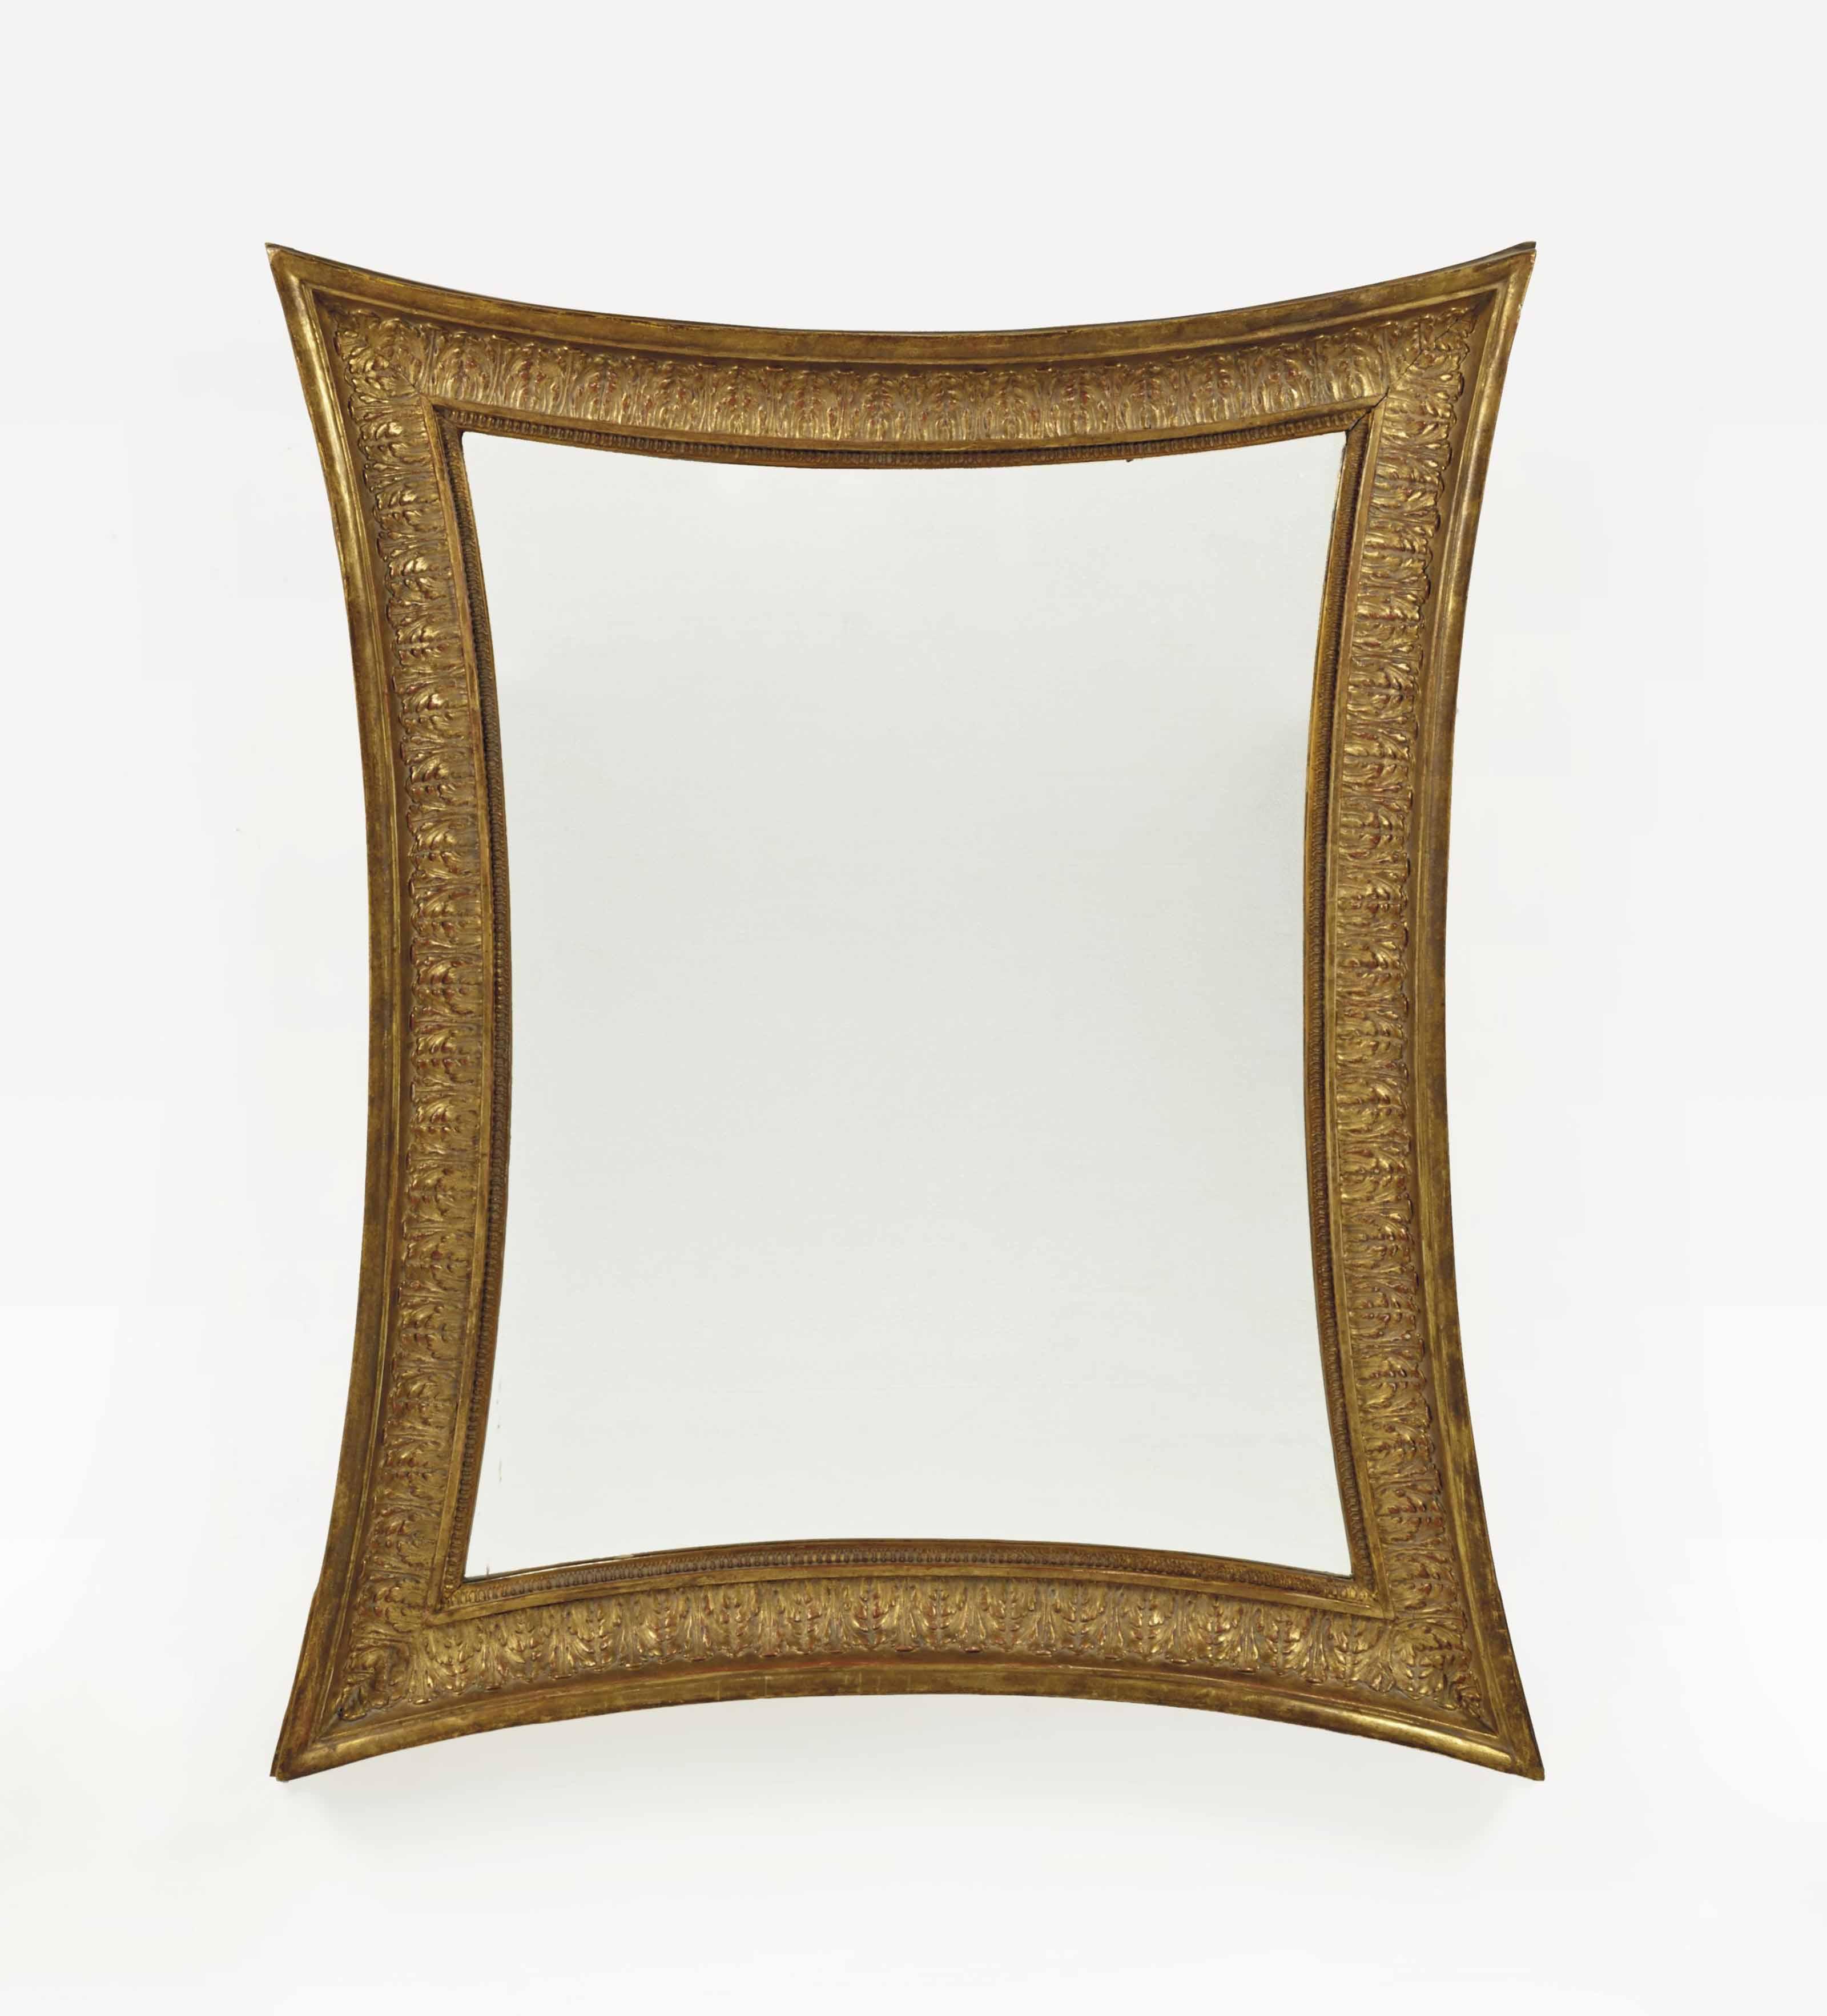 travail francais miroir debut du xxe siecle christie 39 s. Black Bedroom Furniture Sets. Home Design Ideas